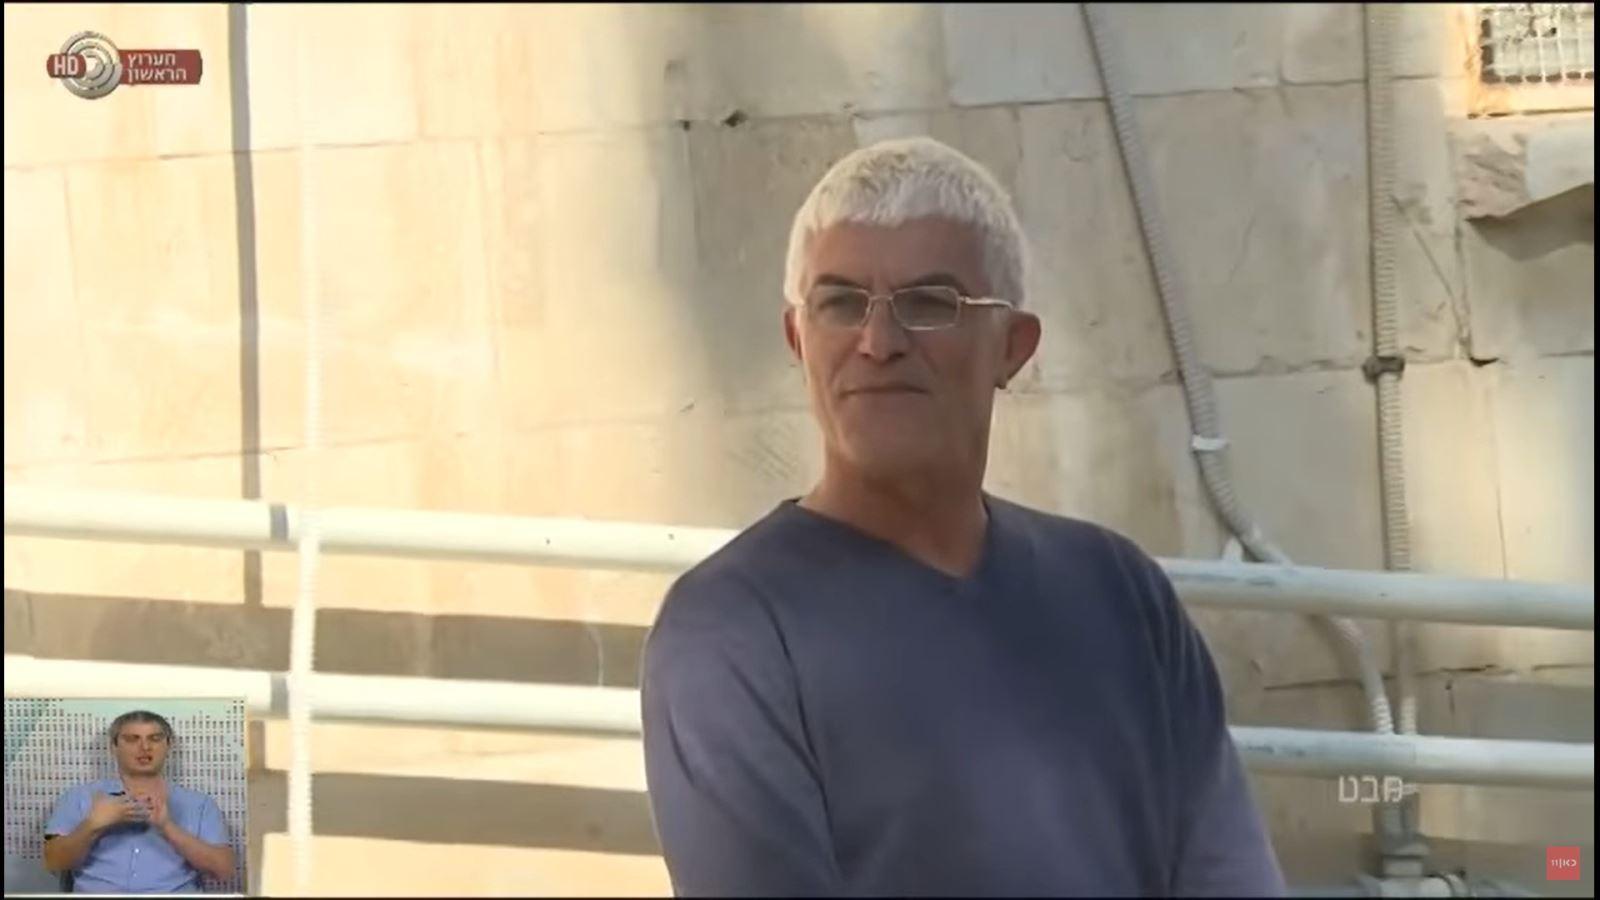 הקבלן יאיר ביטון יאלץ להפקיד מיליון שקל נוספים בבית המשפט על מנת לצאת מהארץ